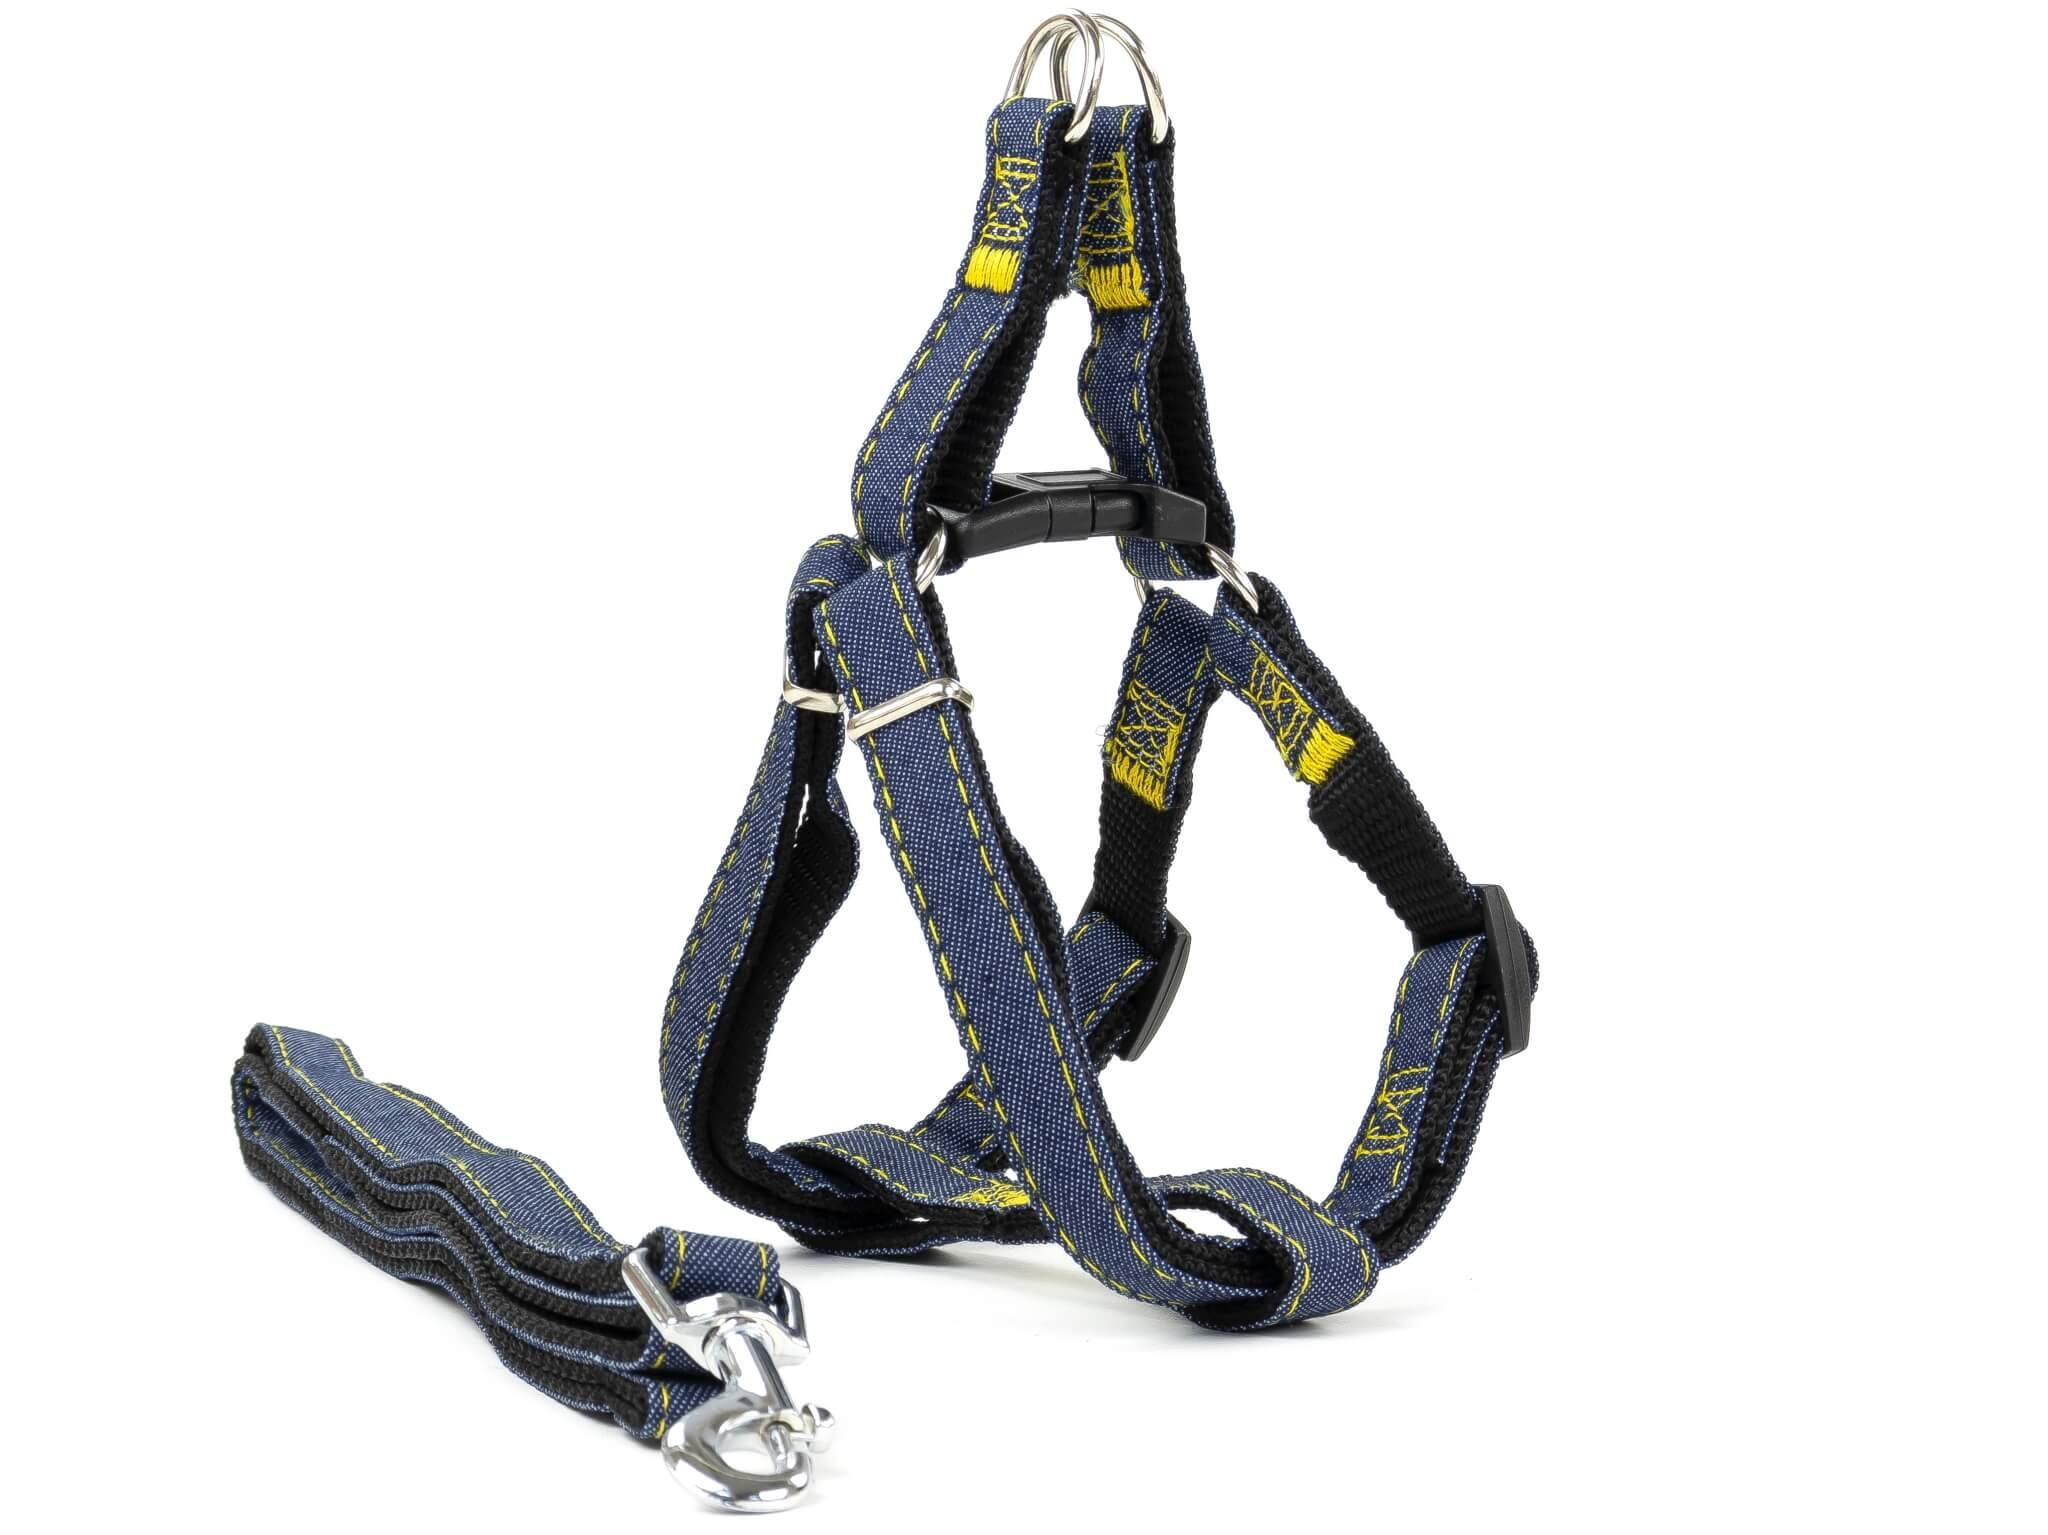 Vsepropejska Jeans riflový postroj pro psa s vodítkem | 23 – 63 cm Barva: Černá, Obvod hrudníku: 45 - 63 cm